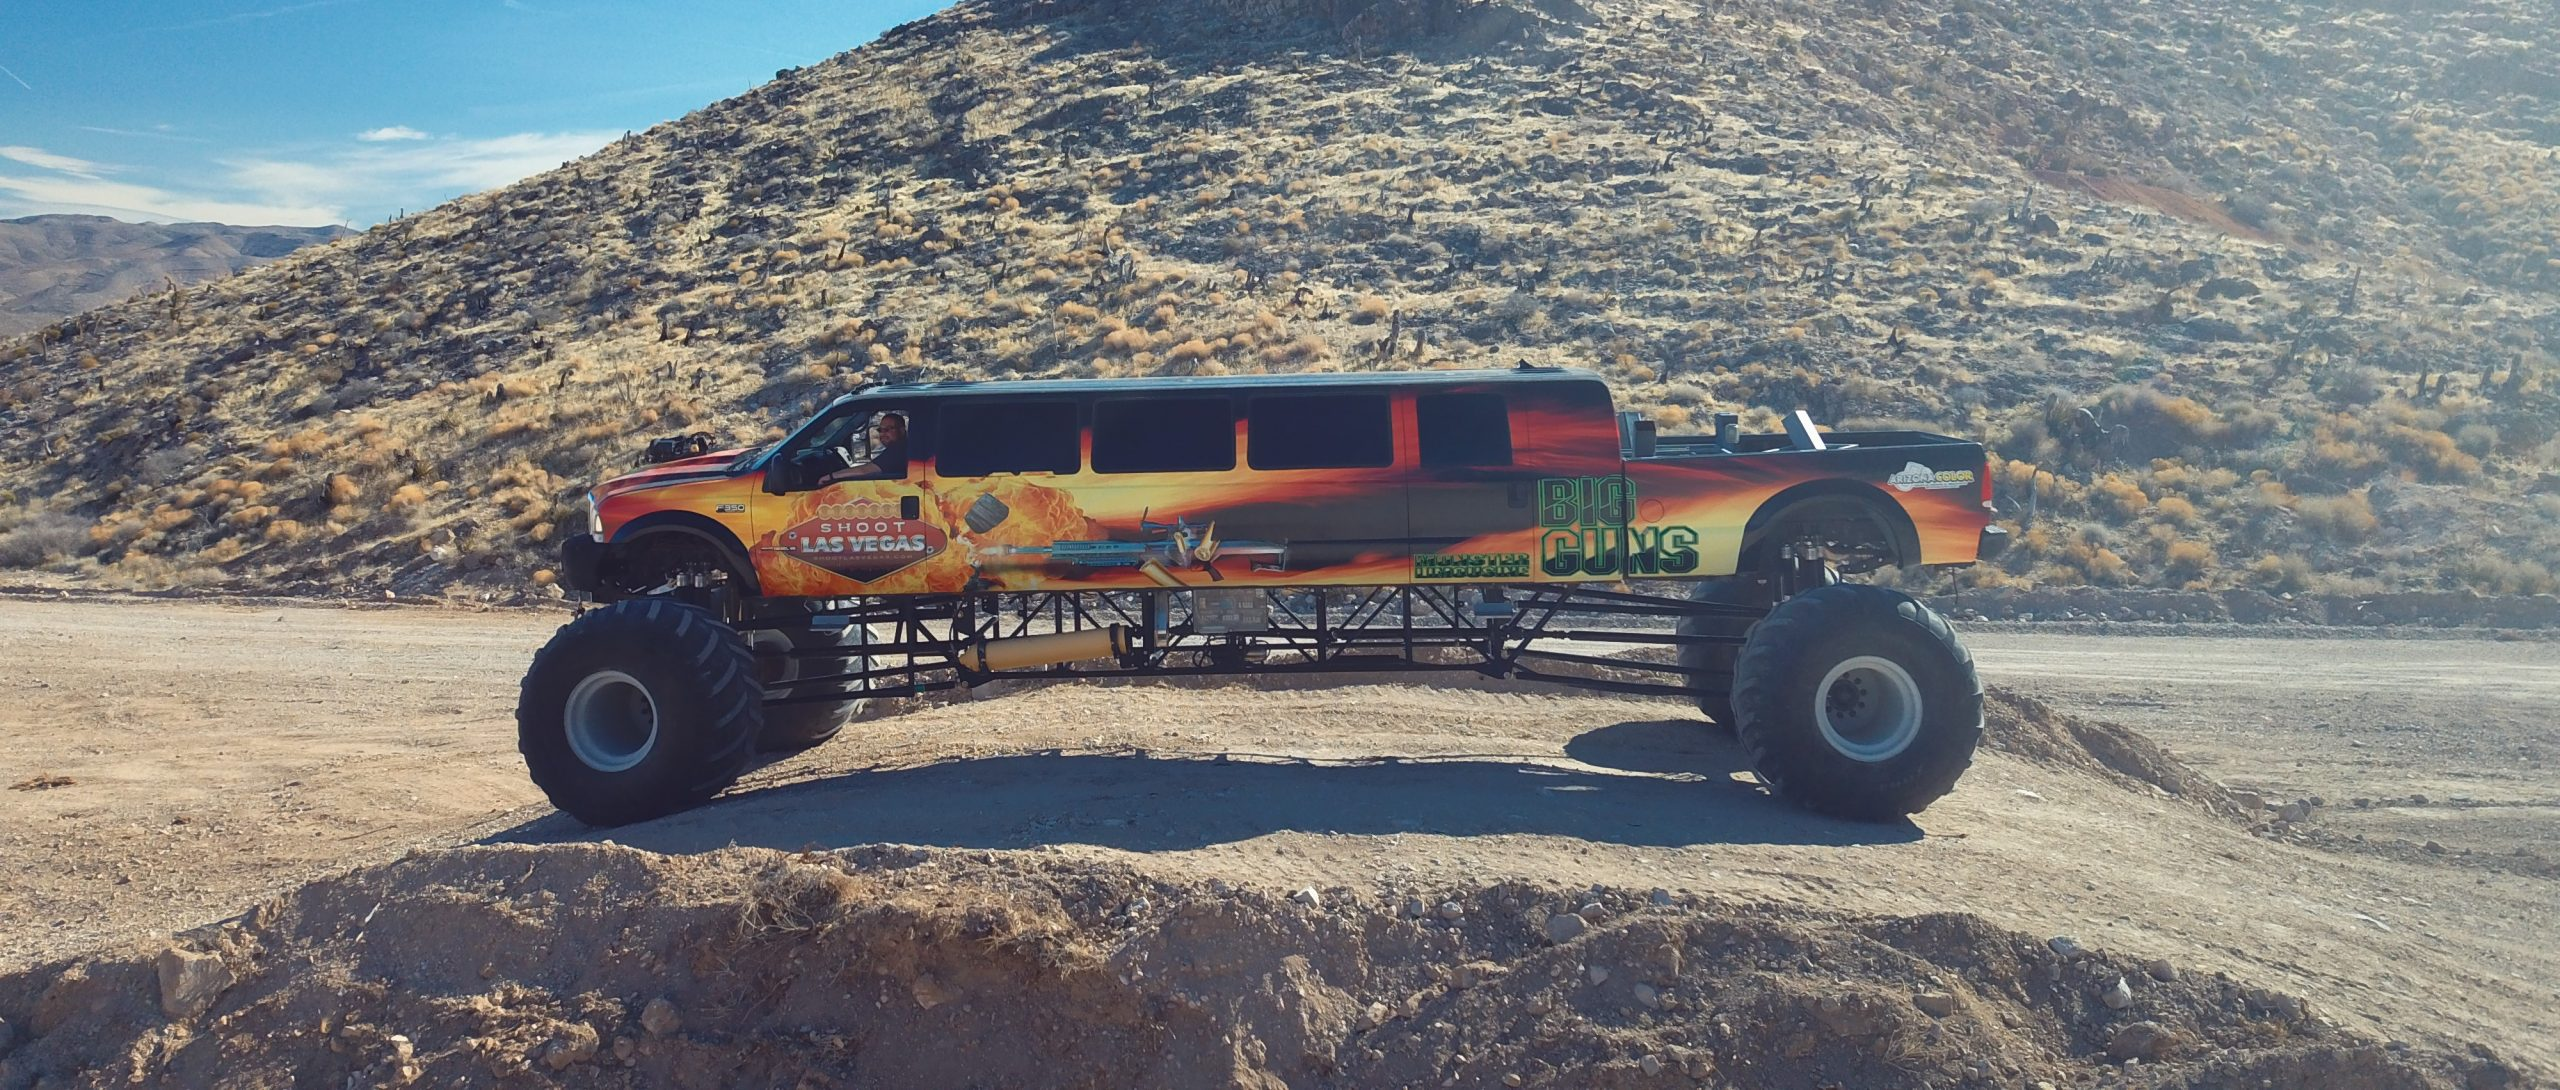 World's Largest Monster Truck, Biggest Monster Truck, Longest Monster Truck